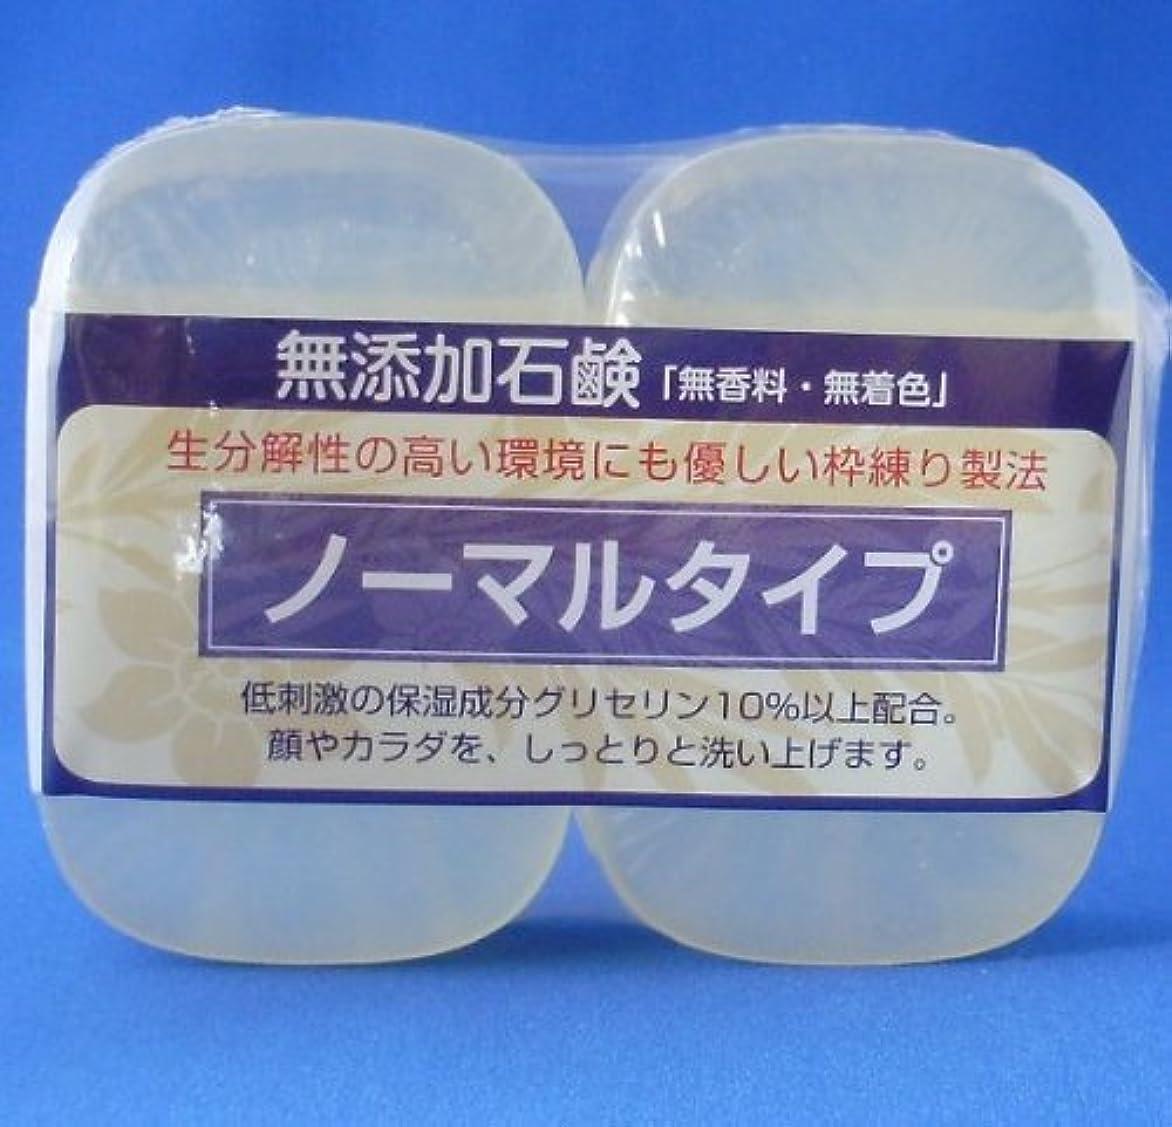 場合できない関与する無添加石鹸 ノーマルタイプ 90g×2個